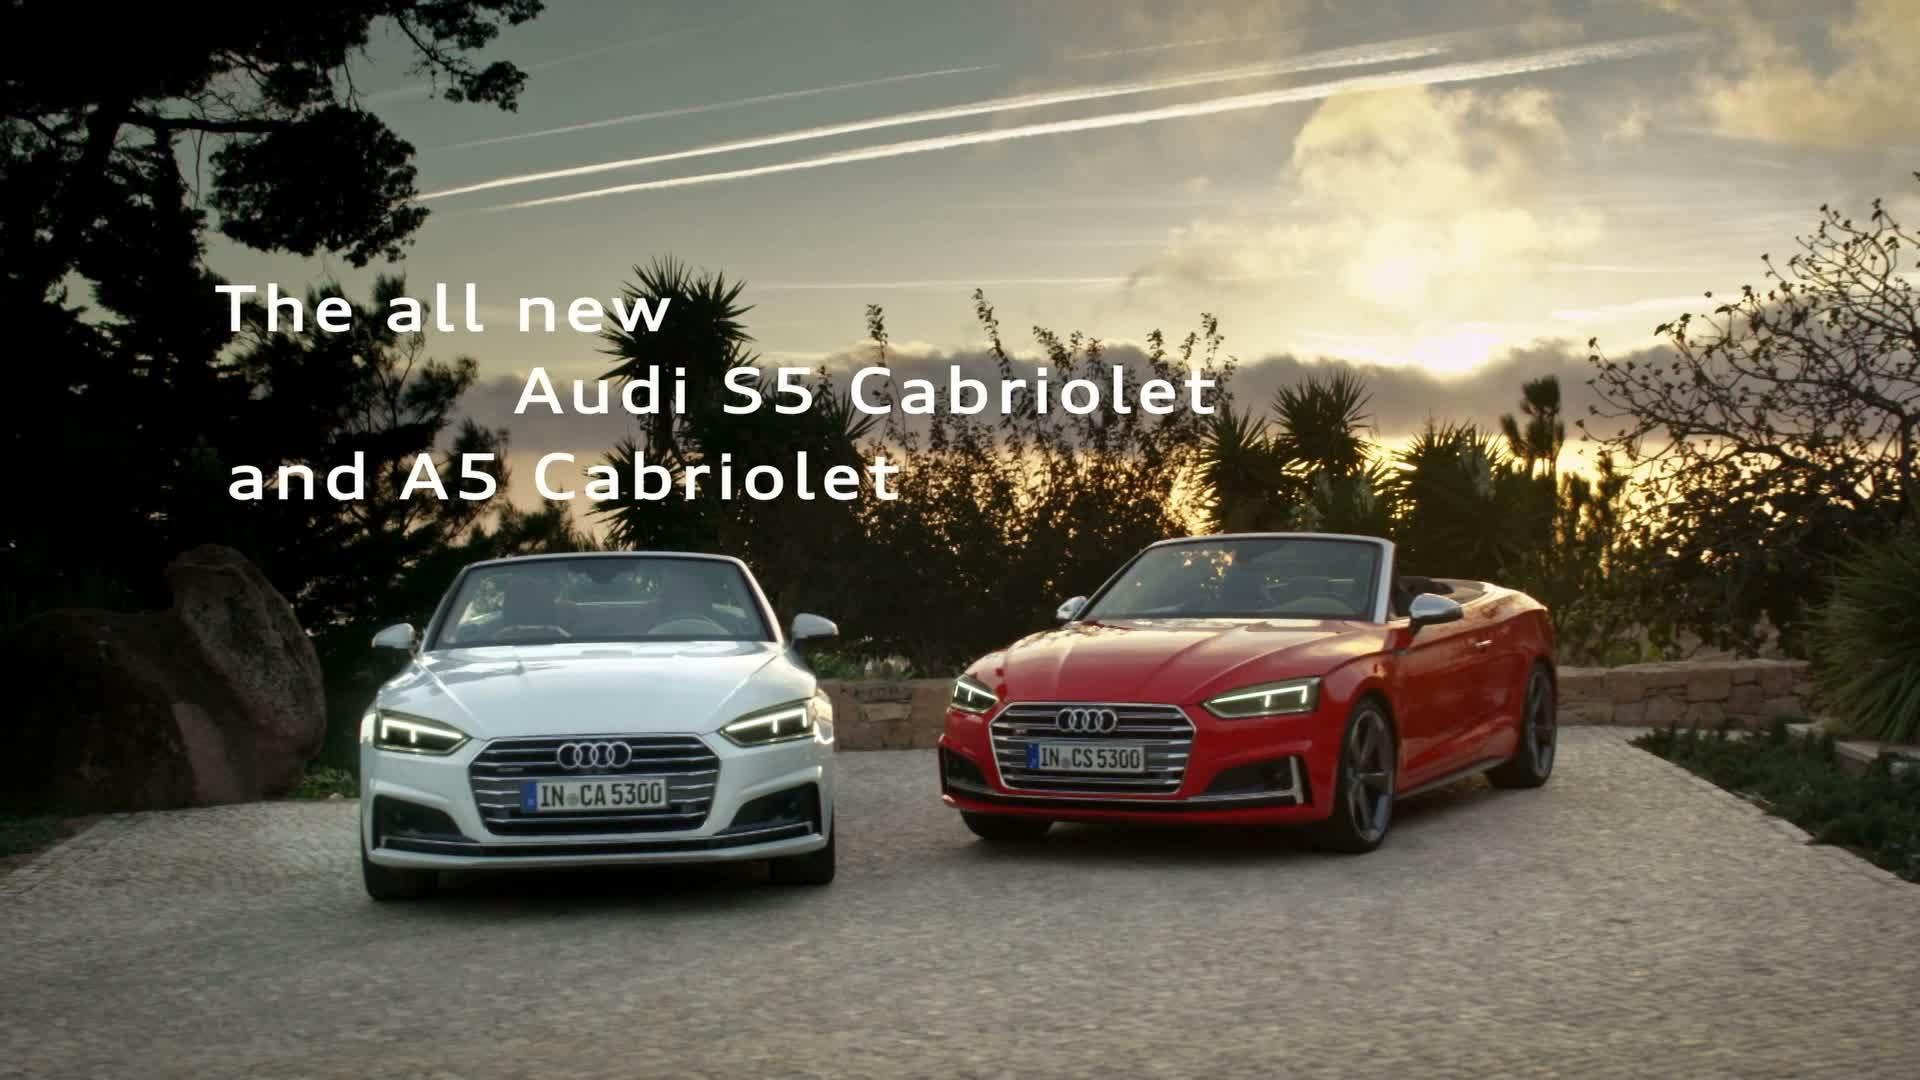 Sportlich-elegant und komfortabel - Das neue Audi A5 und S5 Cabriolet